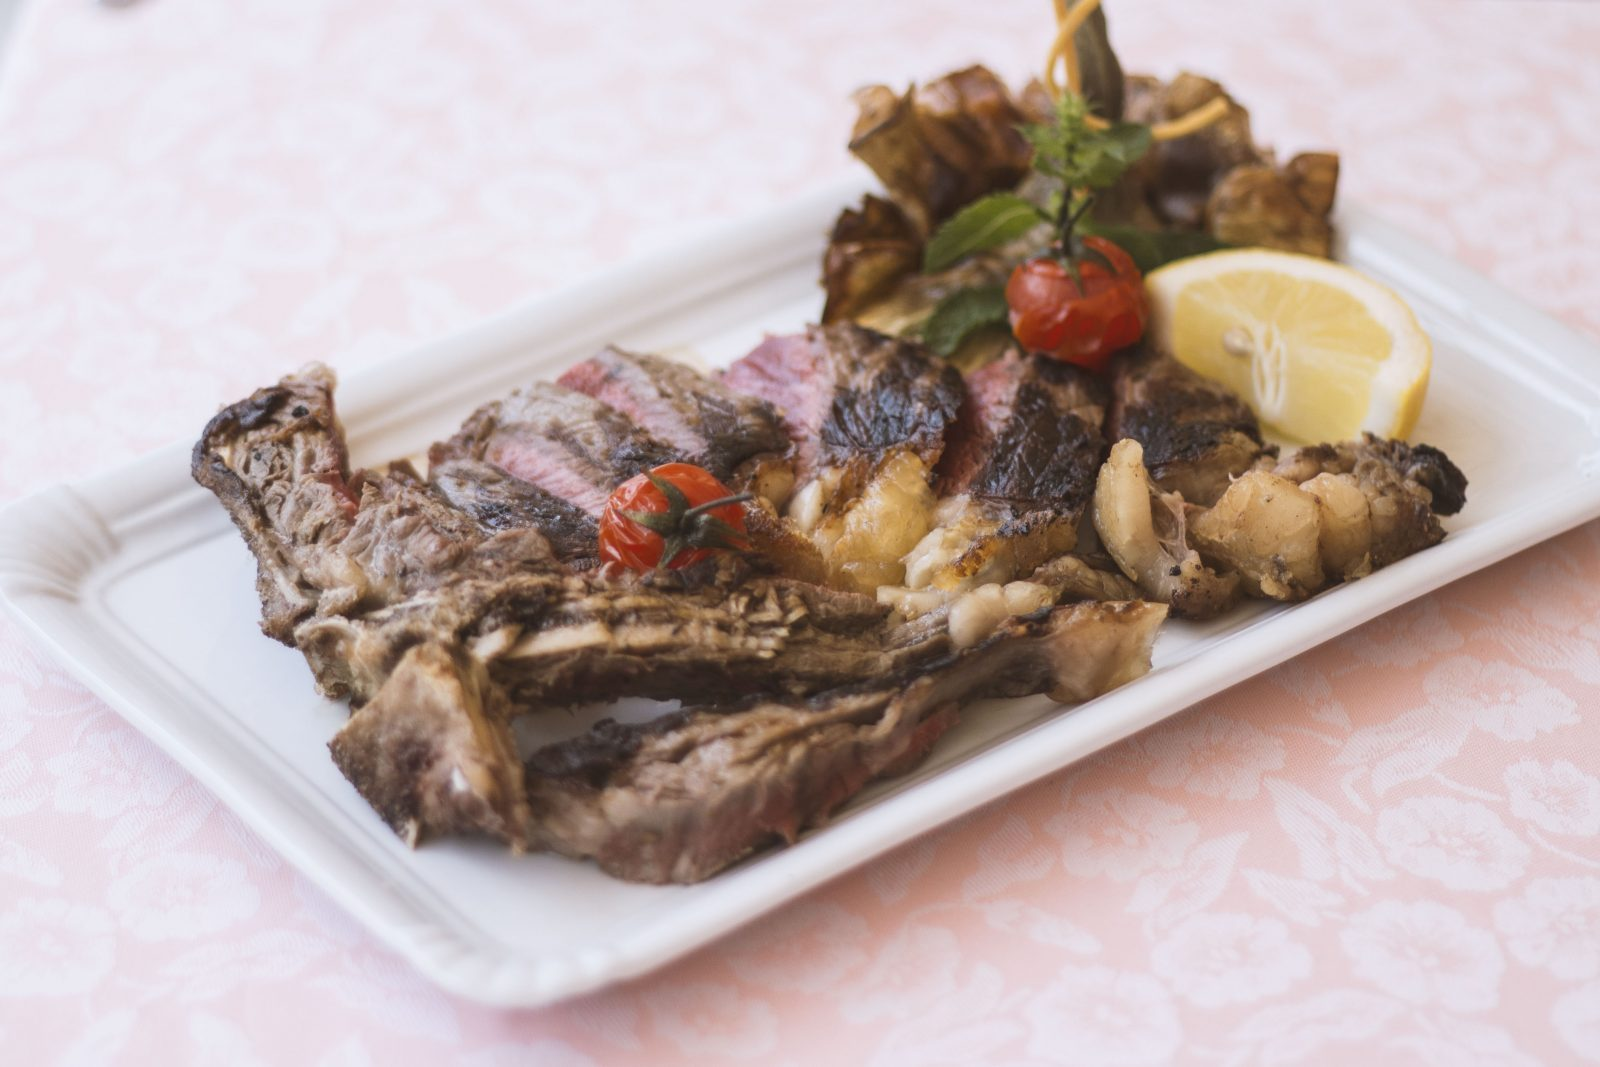 bistecca carne ristorante 4 fiumi roma